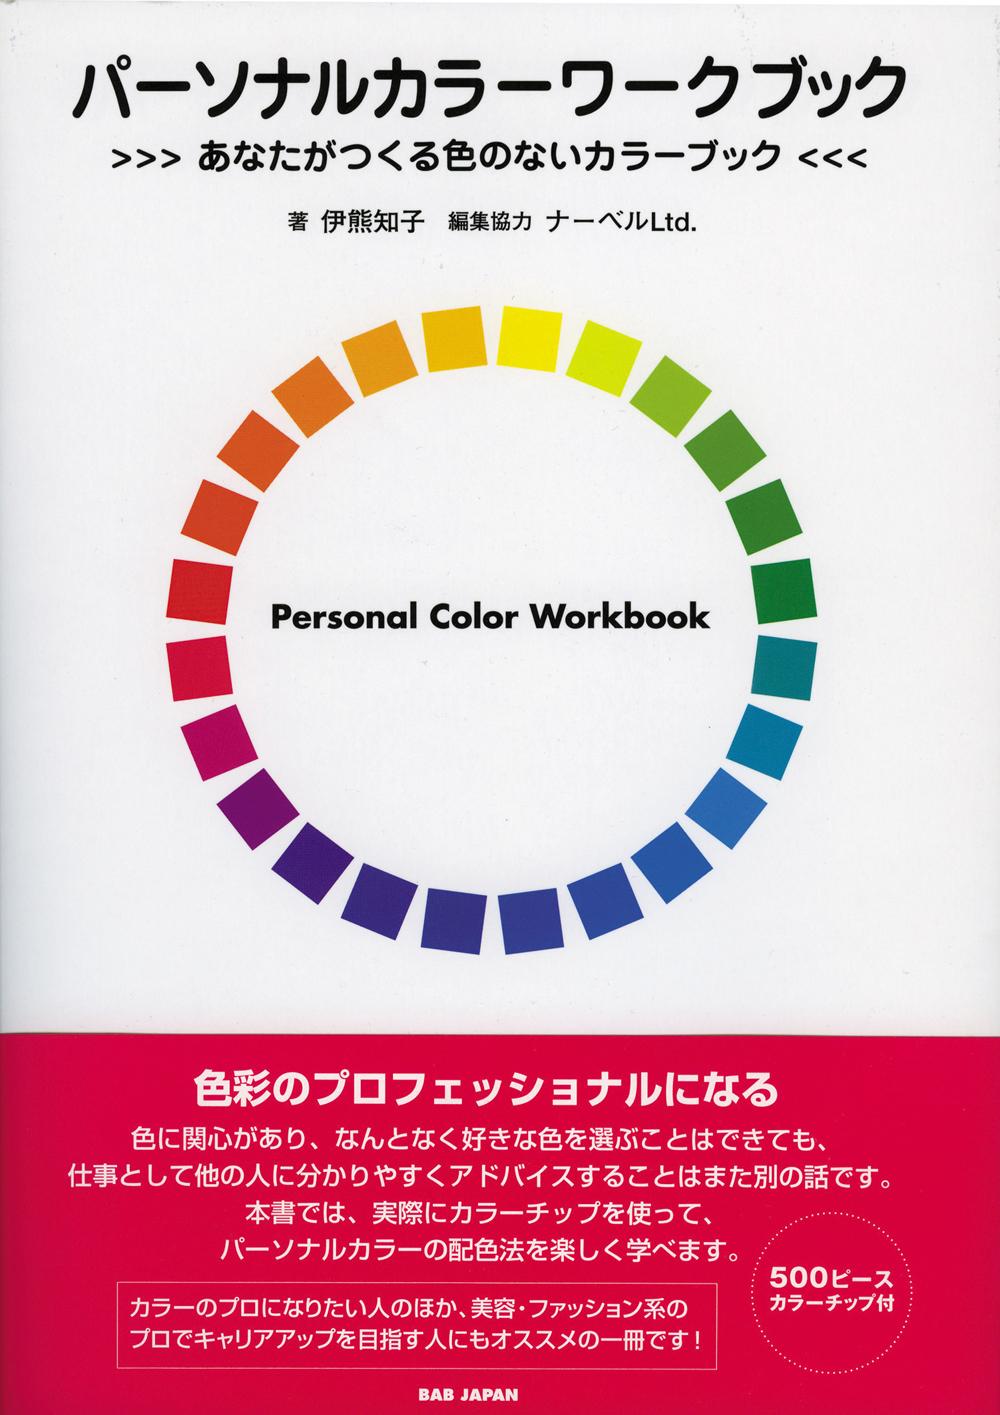 パーソナルカラーワークブック あなたがつくる色のないカラーブック